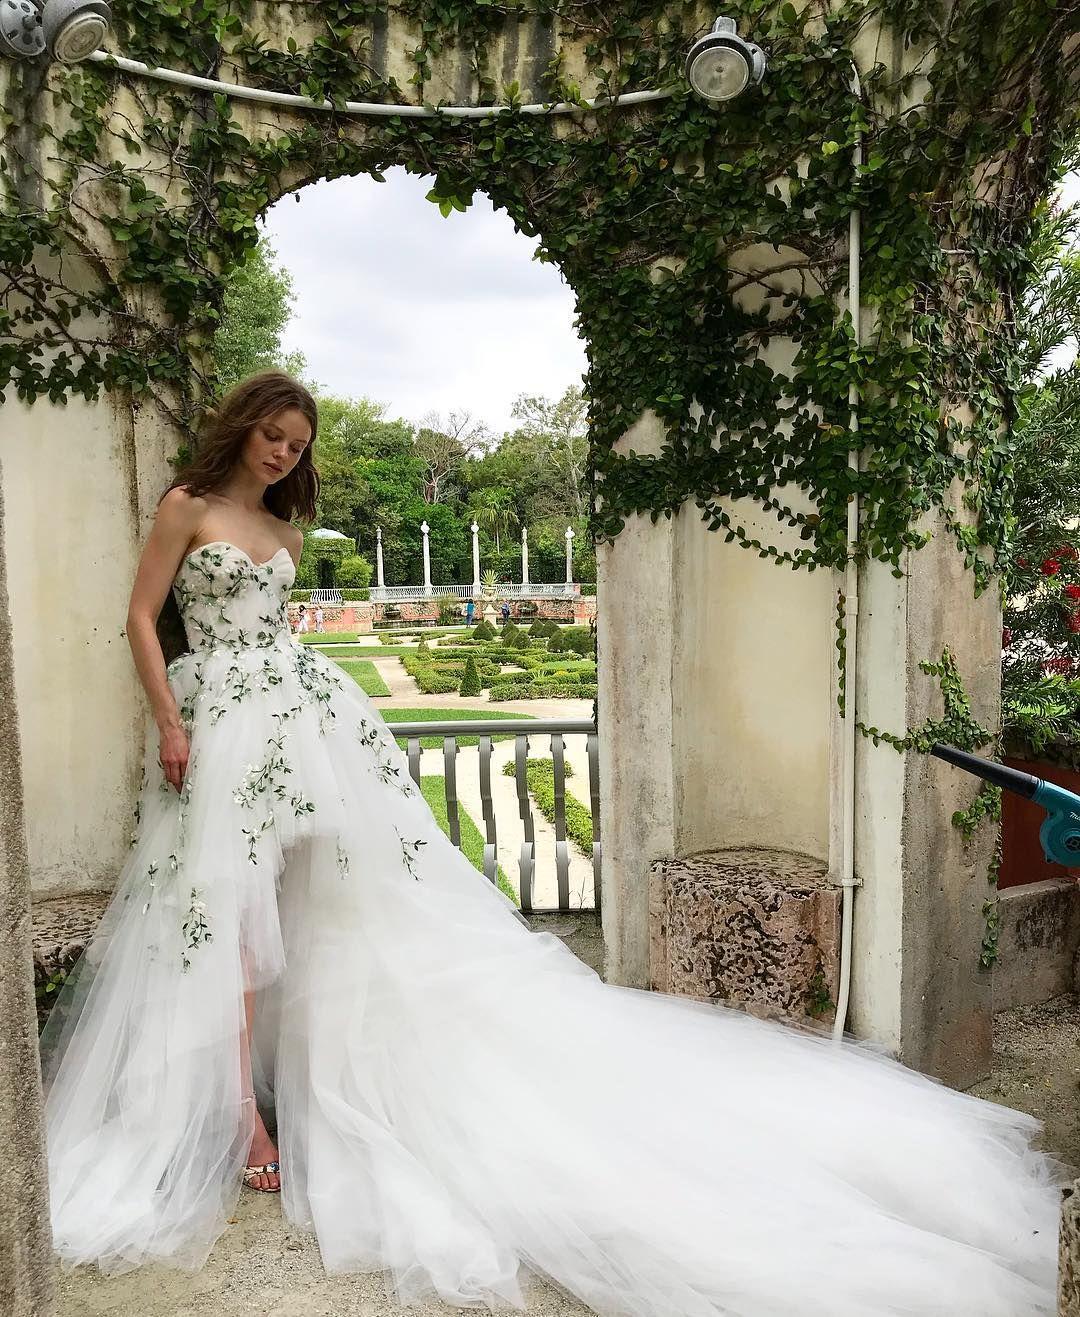 Monique Lhuillier Bride On Instagram Epic Moniquelhuillier